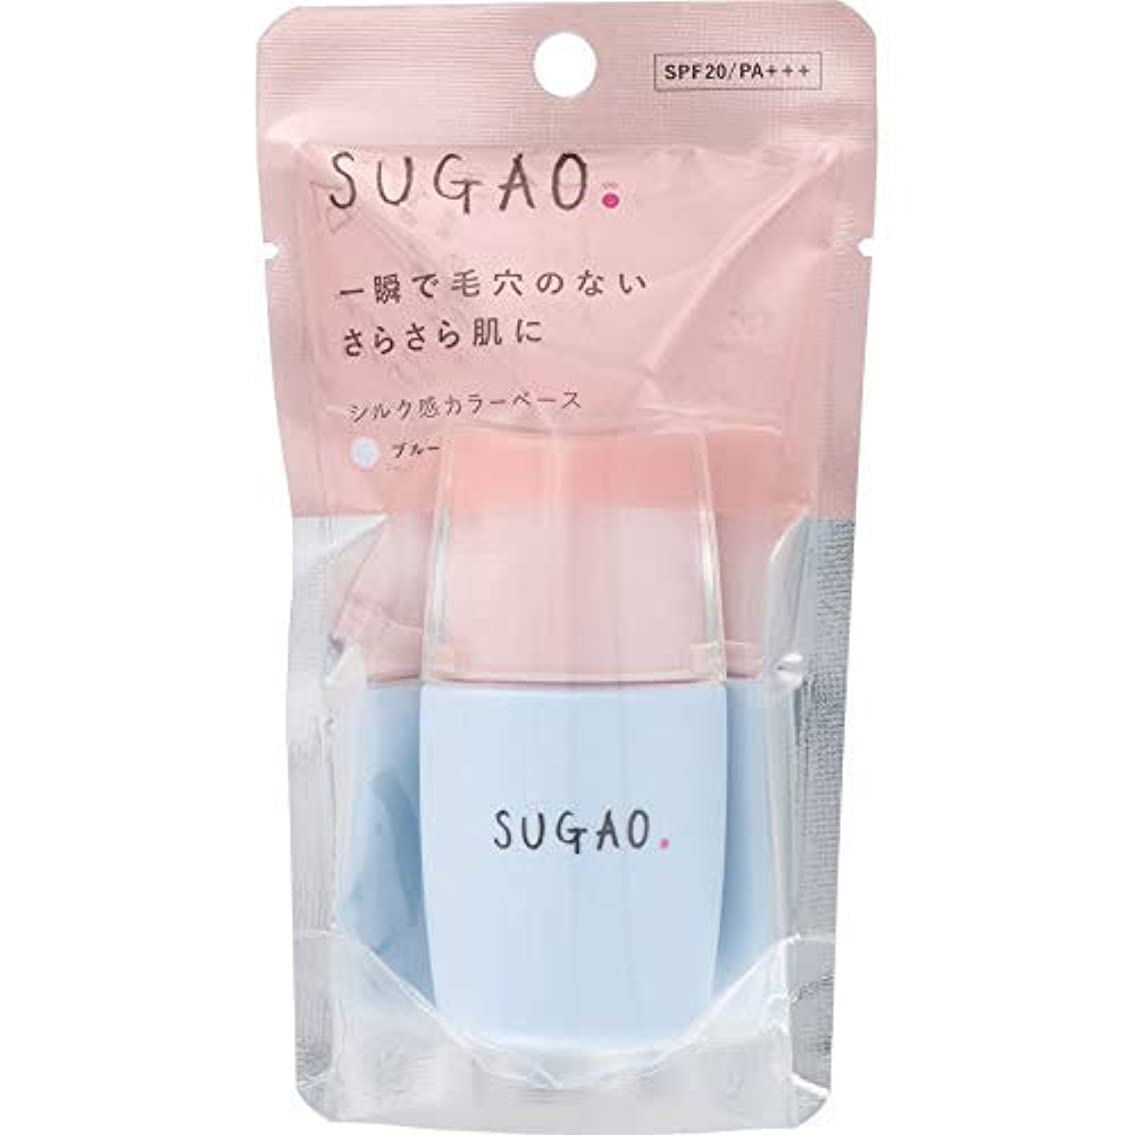 エレベーターメンタル検証SUGAO シルク感カラーベース ブルー × 4個セット